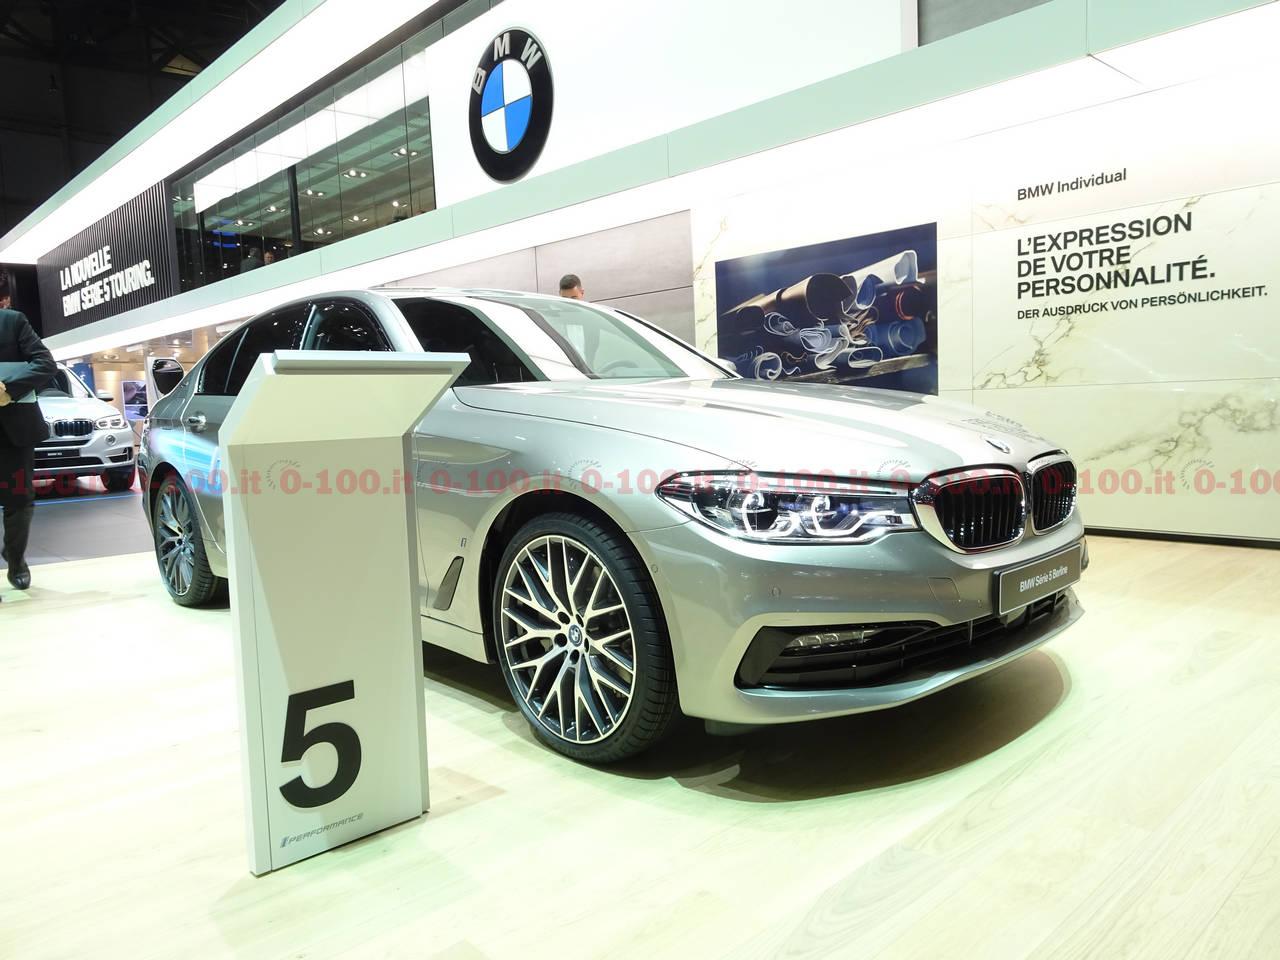 Ginevra-geneva-geneve-2017-BMW-0-100_4